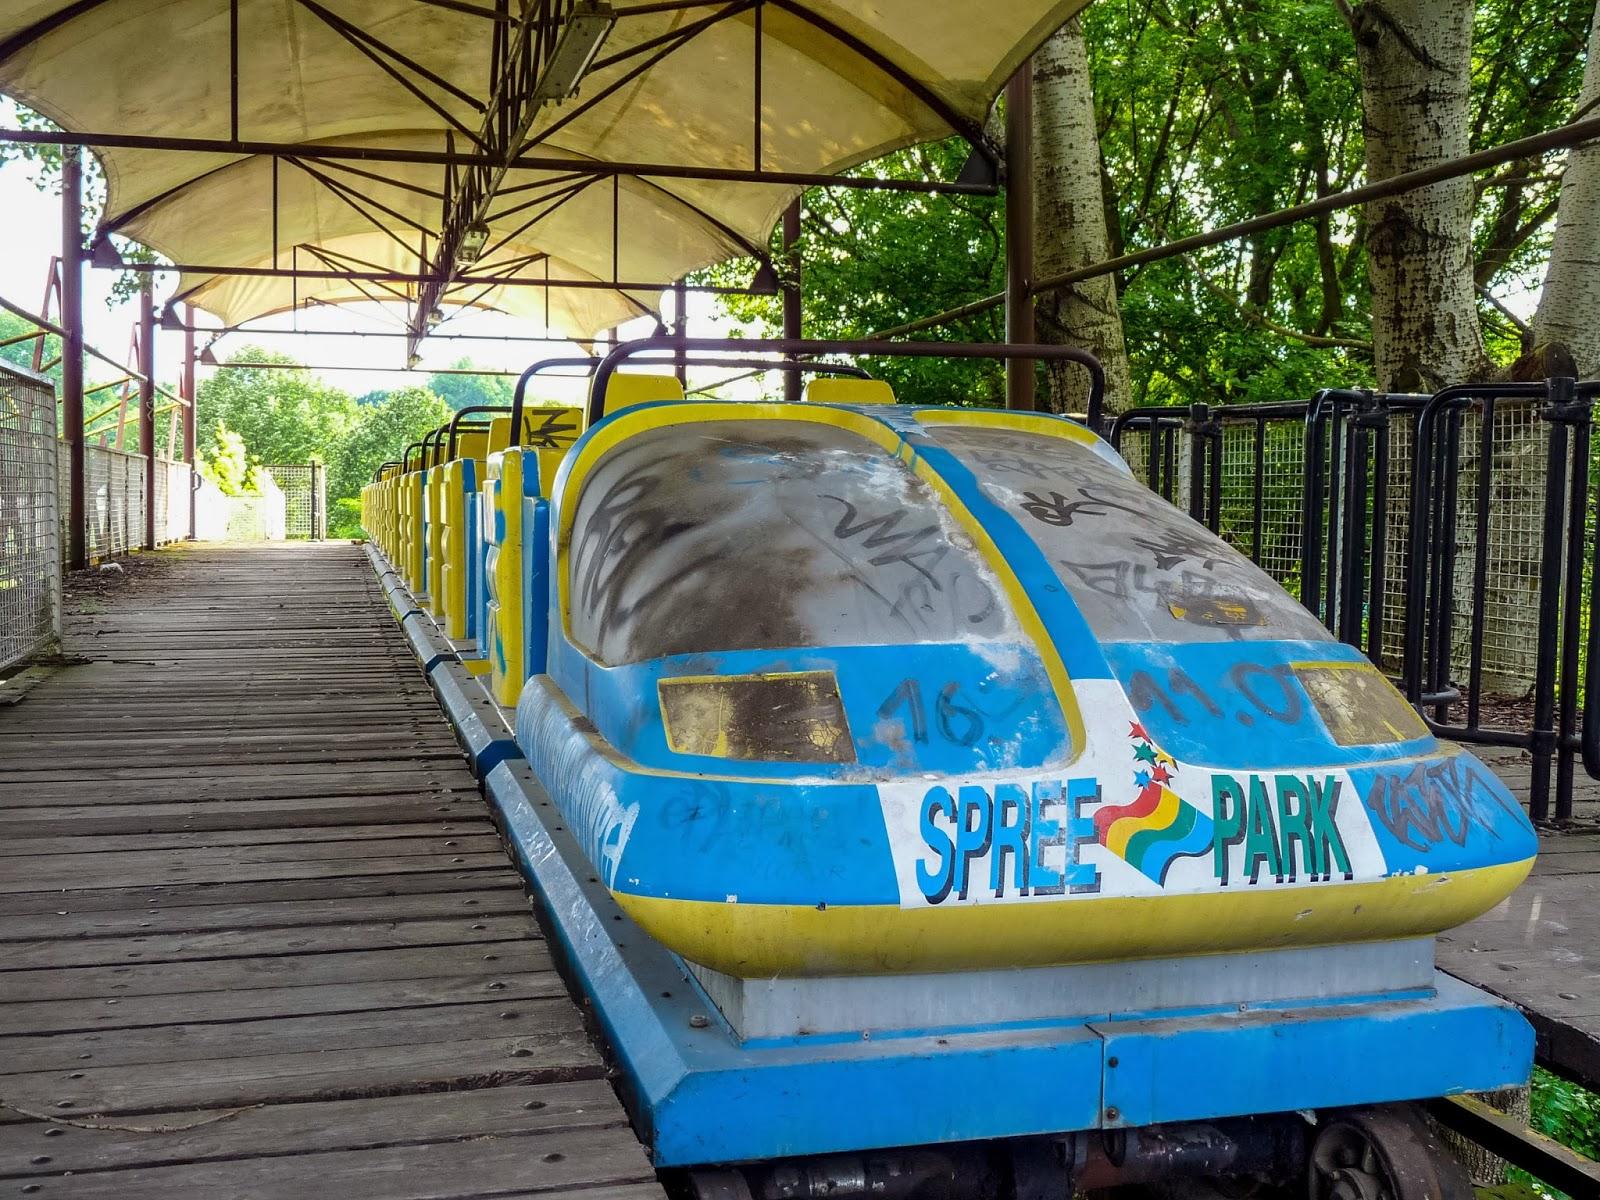 Spreepark_Abandoned_Amusement_Park_Berlin-1020070